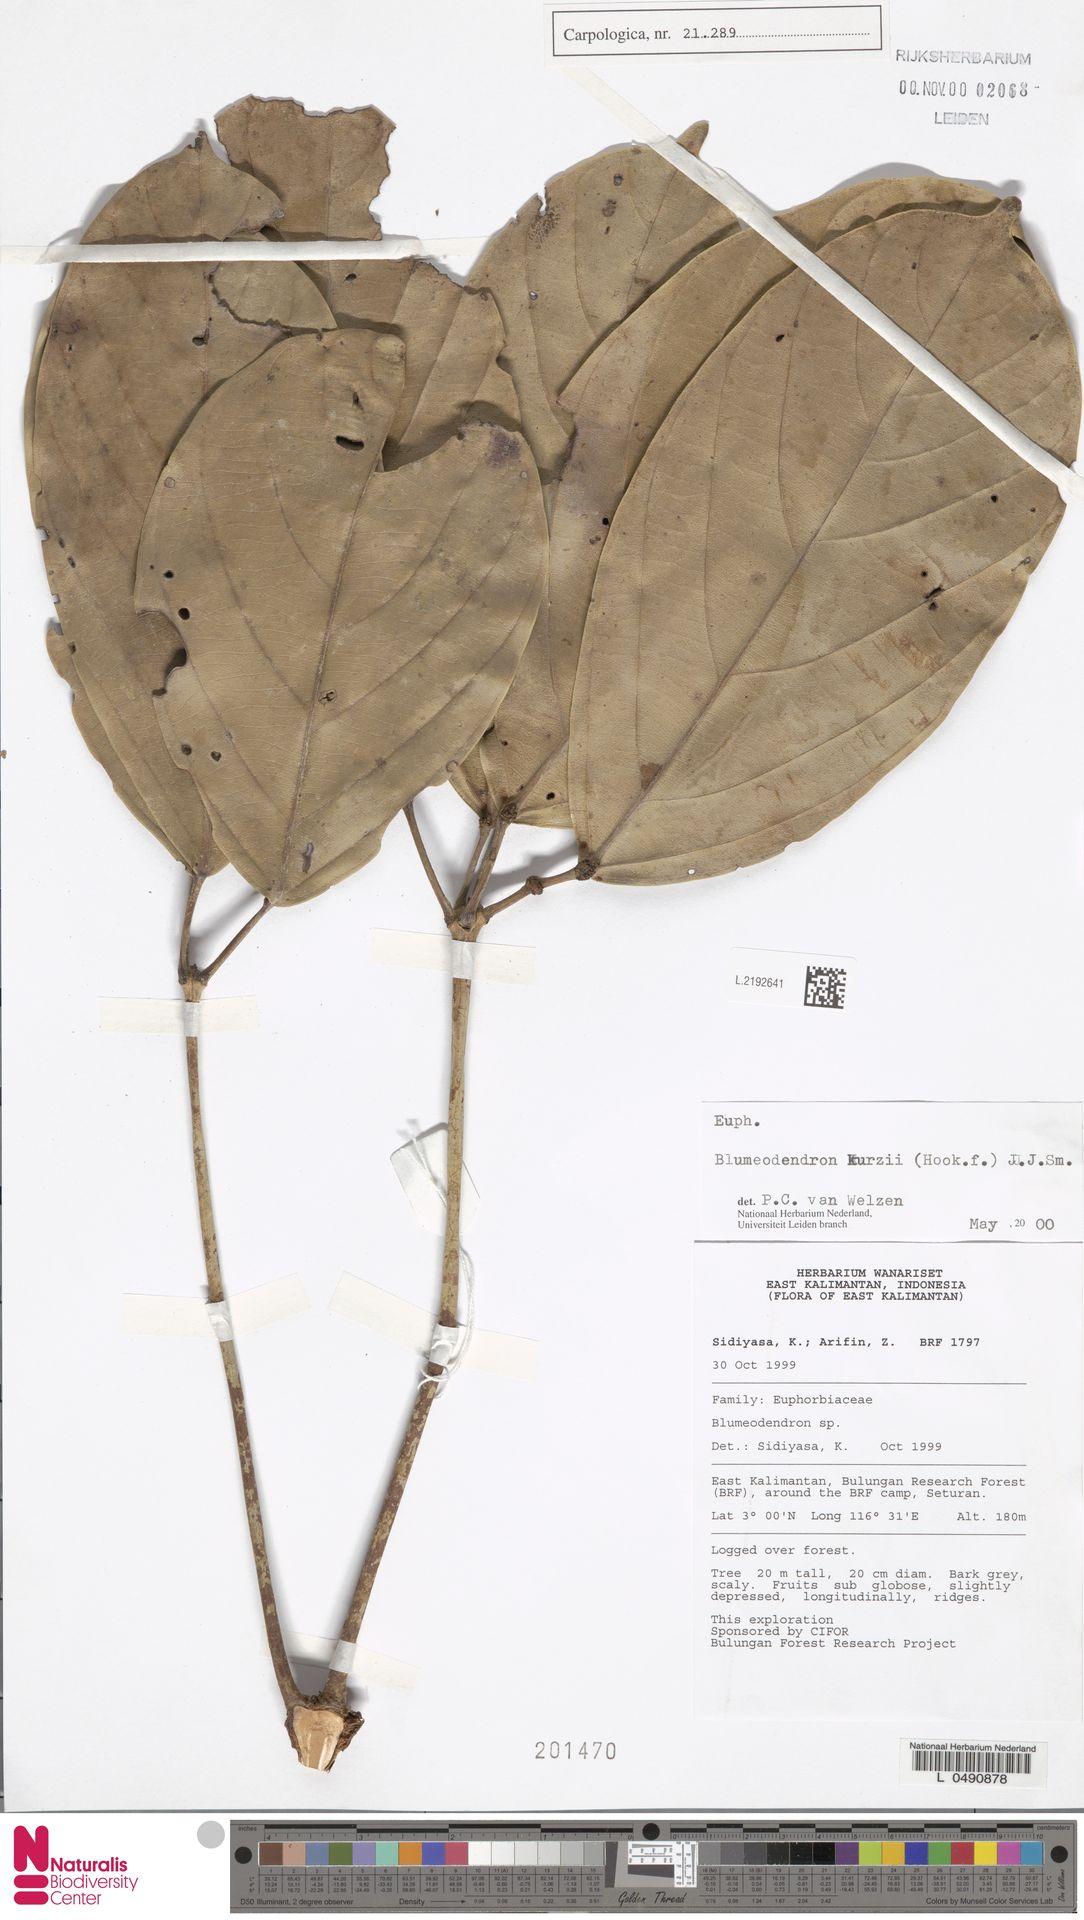 L.2192641 | Blumeodendron kurzii (Hook.f.) J.J.Sm.